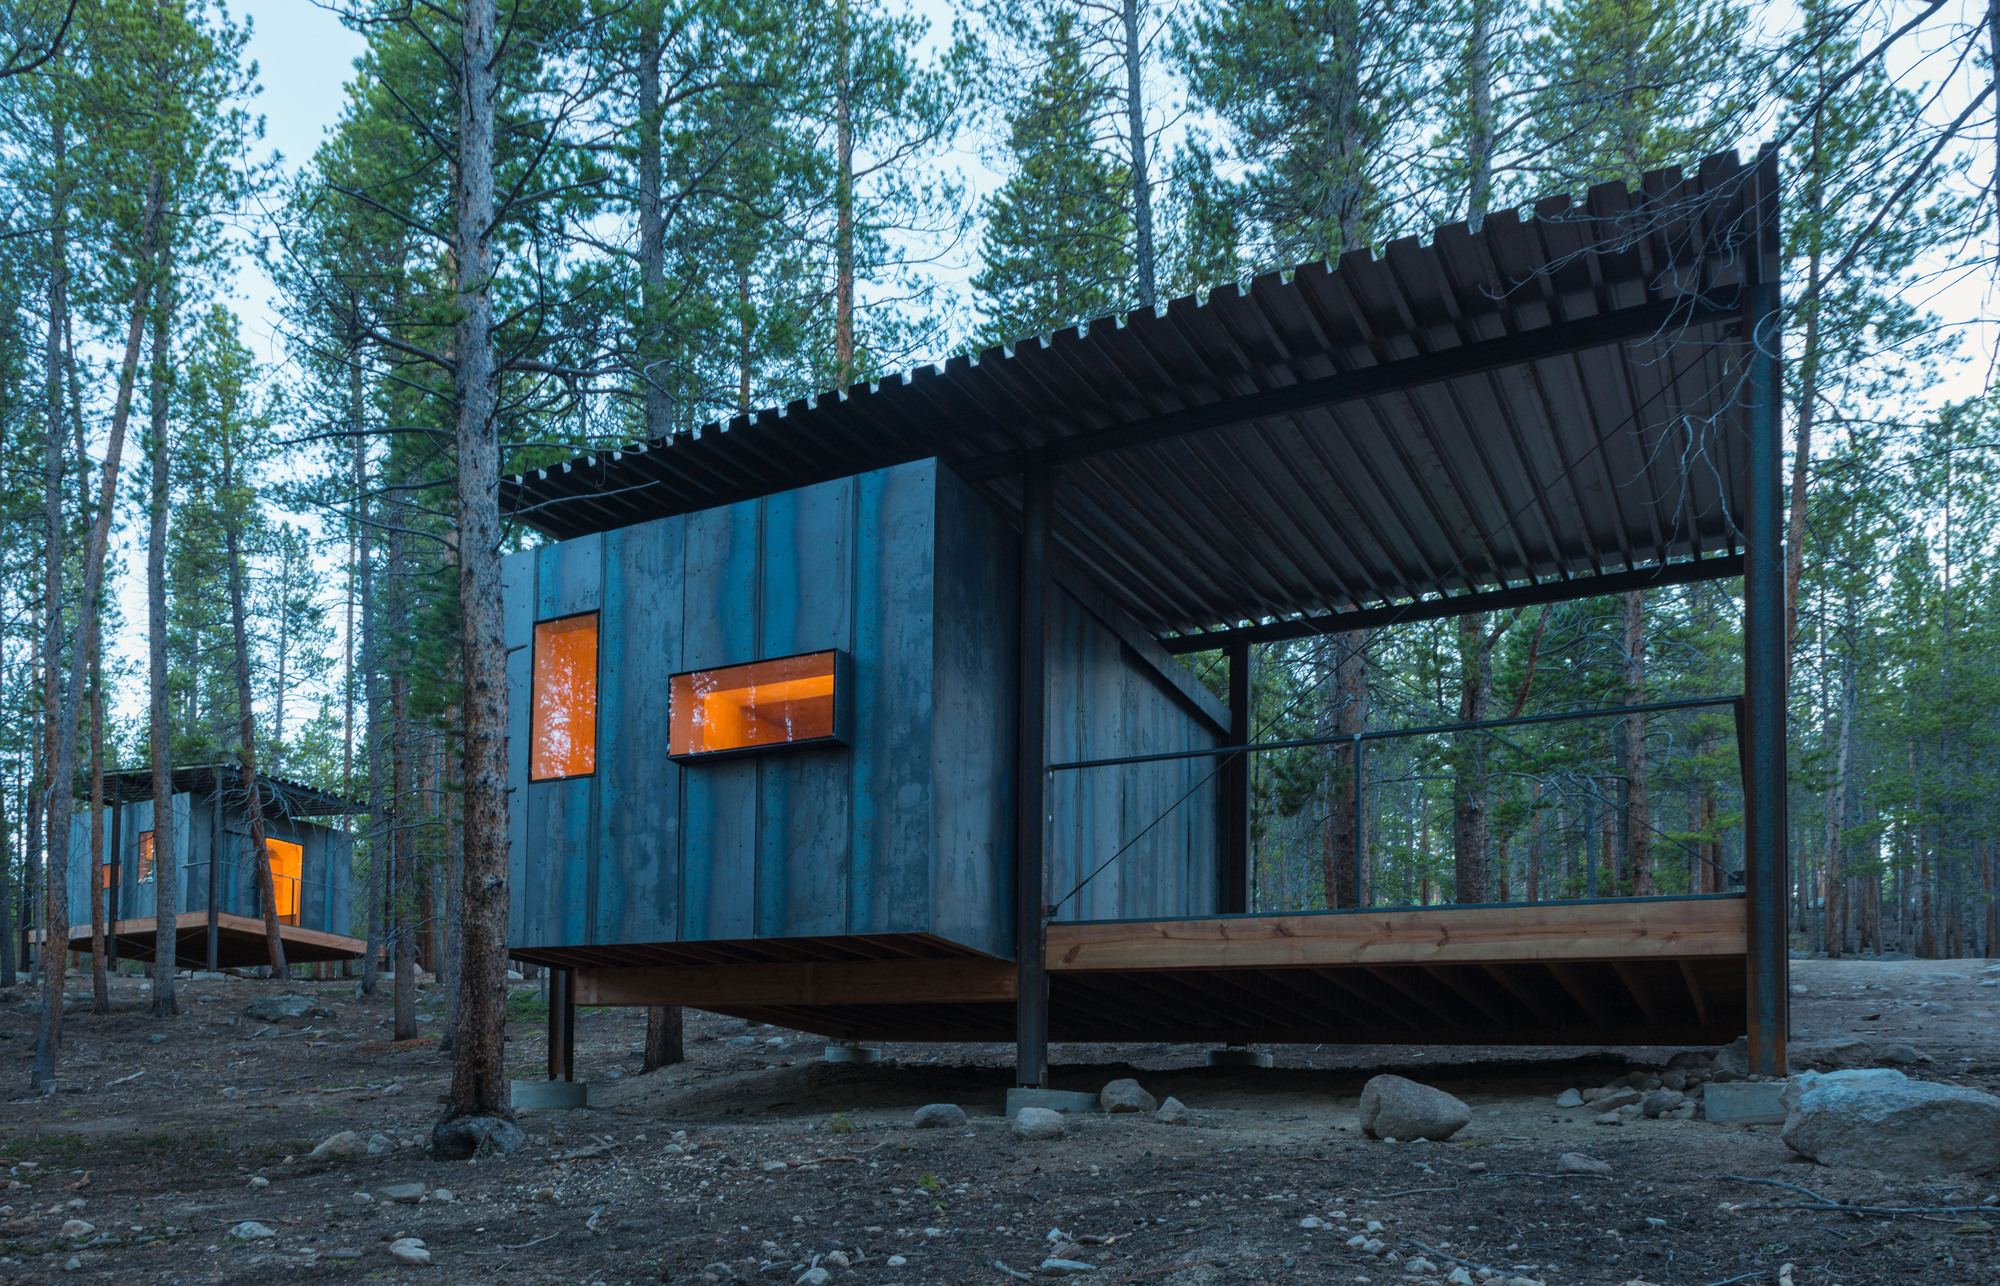 Gallery of Colorado Outward Bound Micro Cabins ...